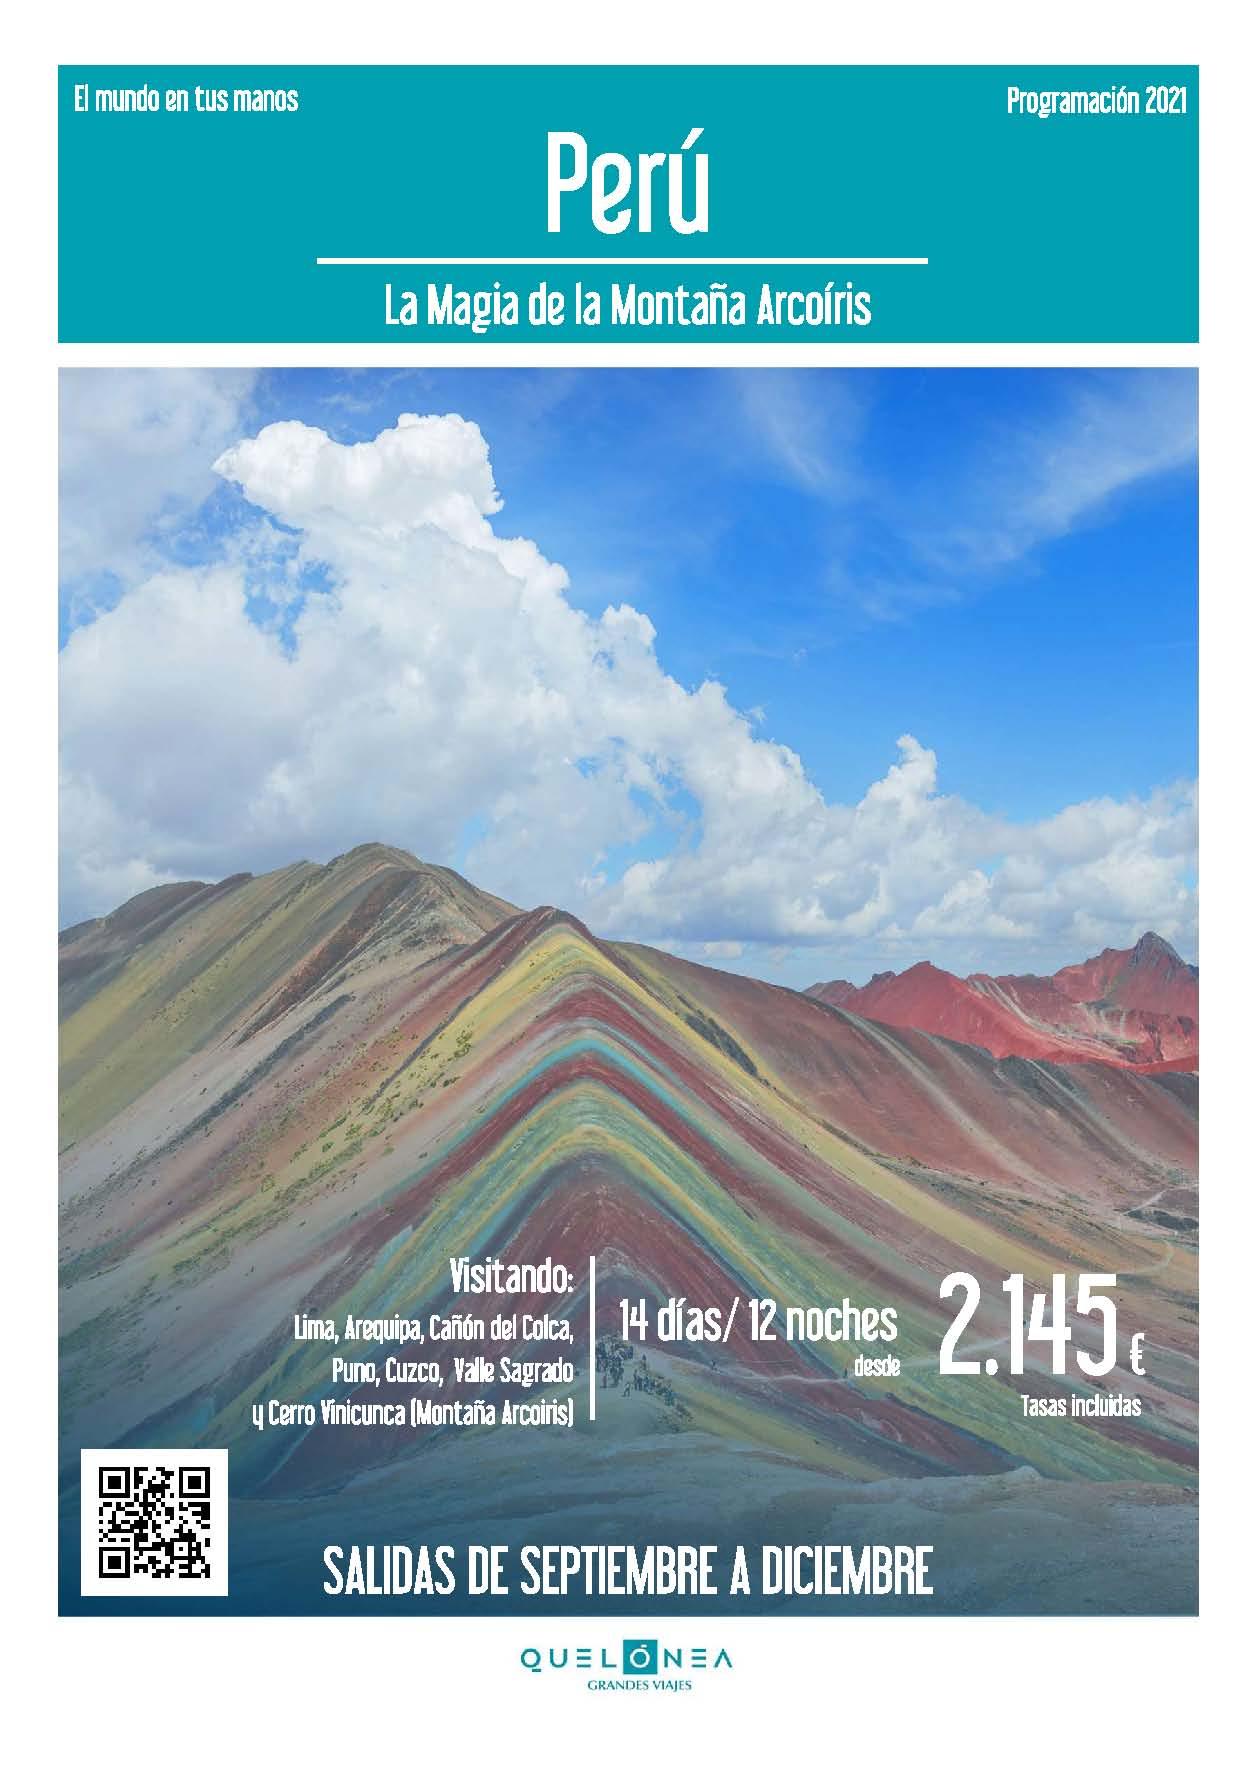 Ofertas Quelonea Perú La Magia de la Montaña Arco Iris Verano 2021